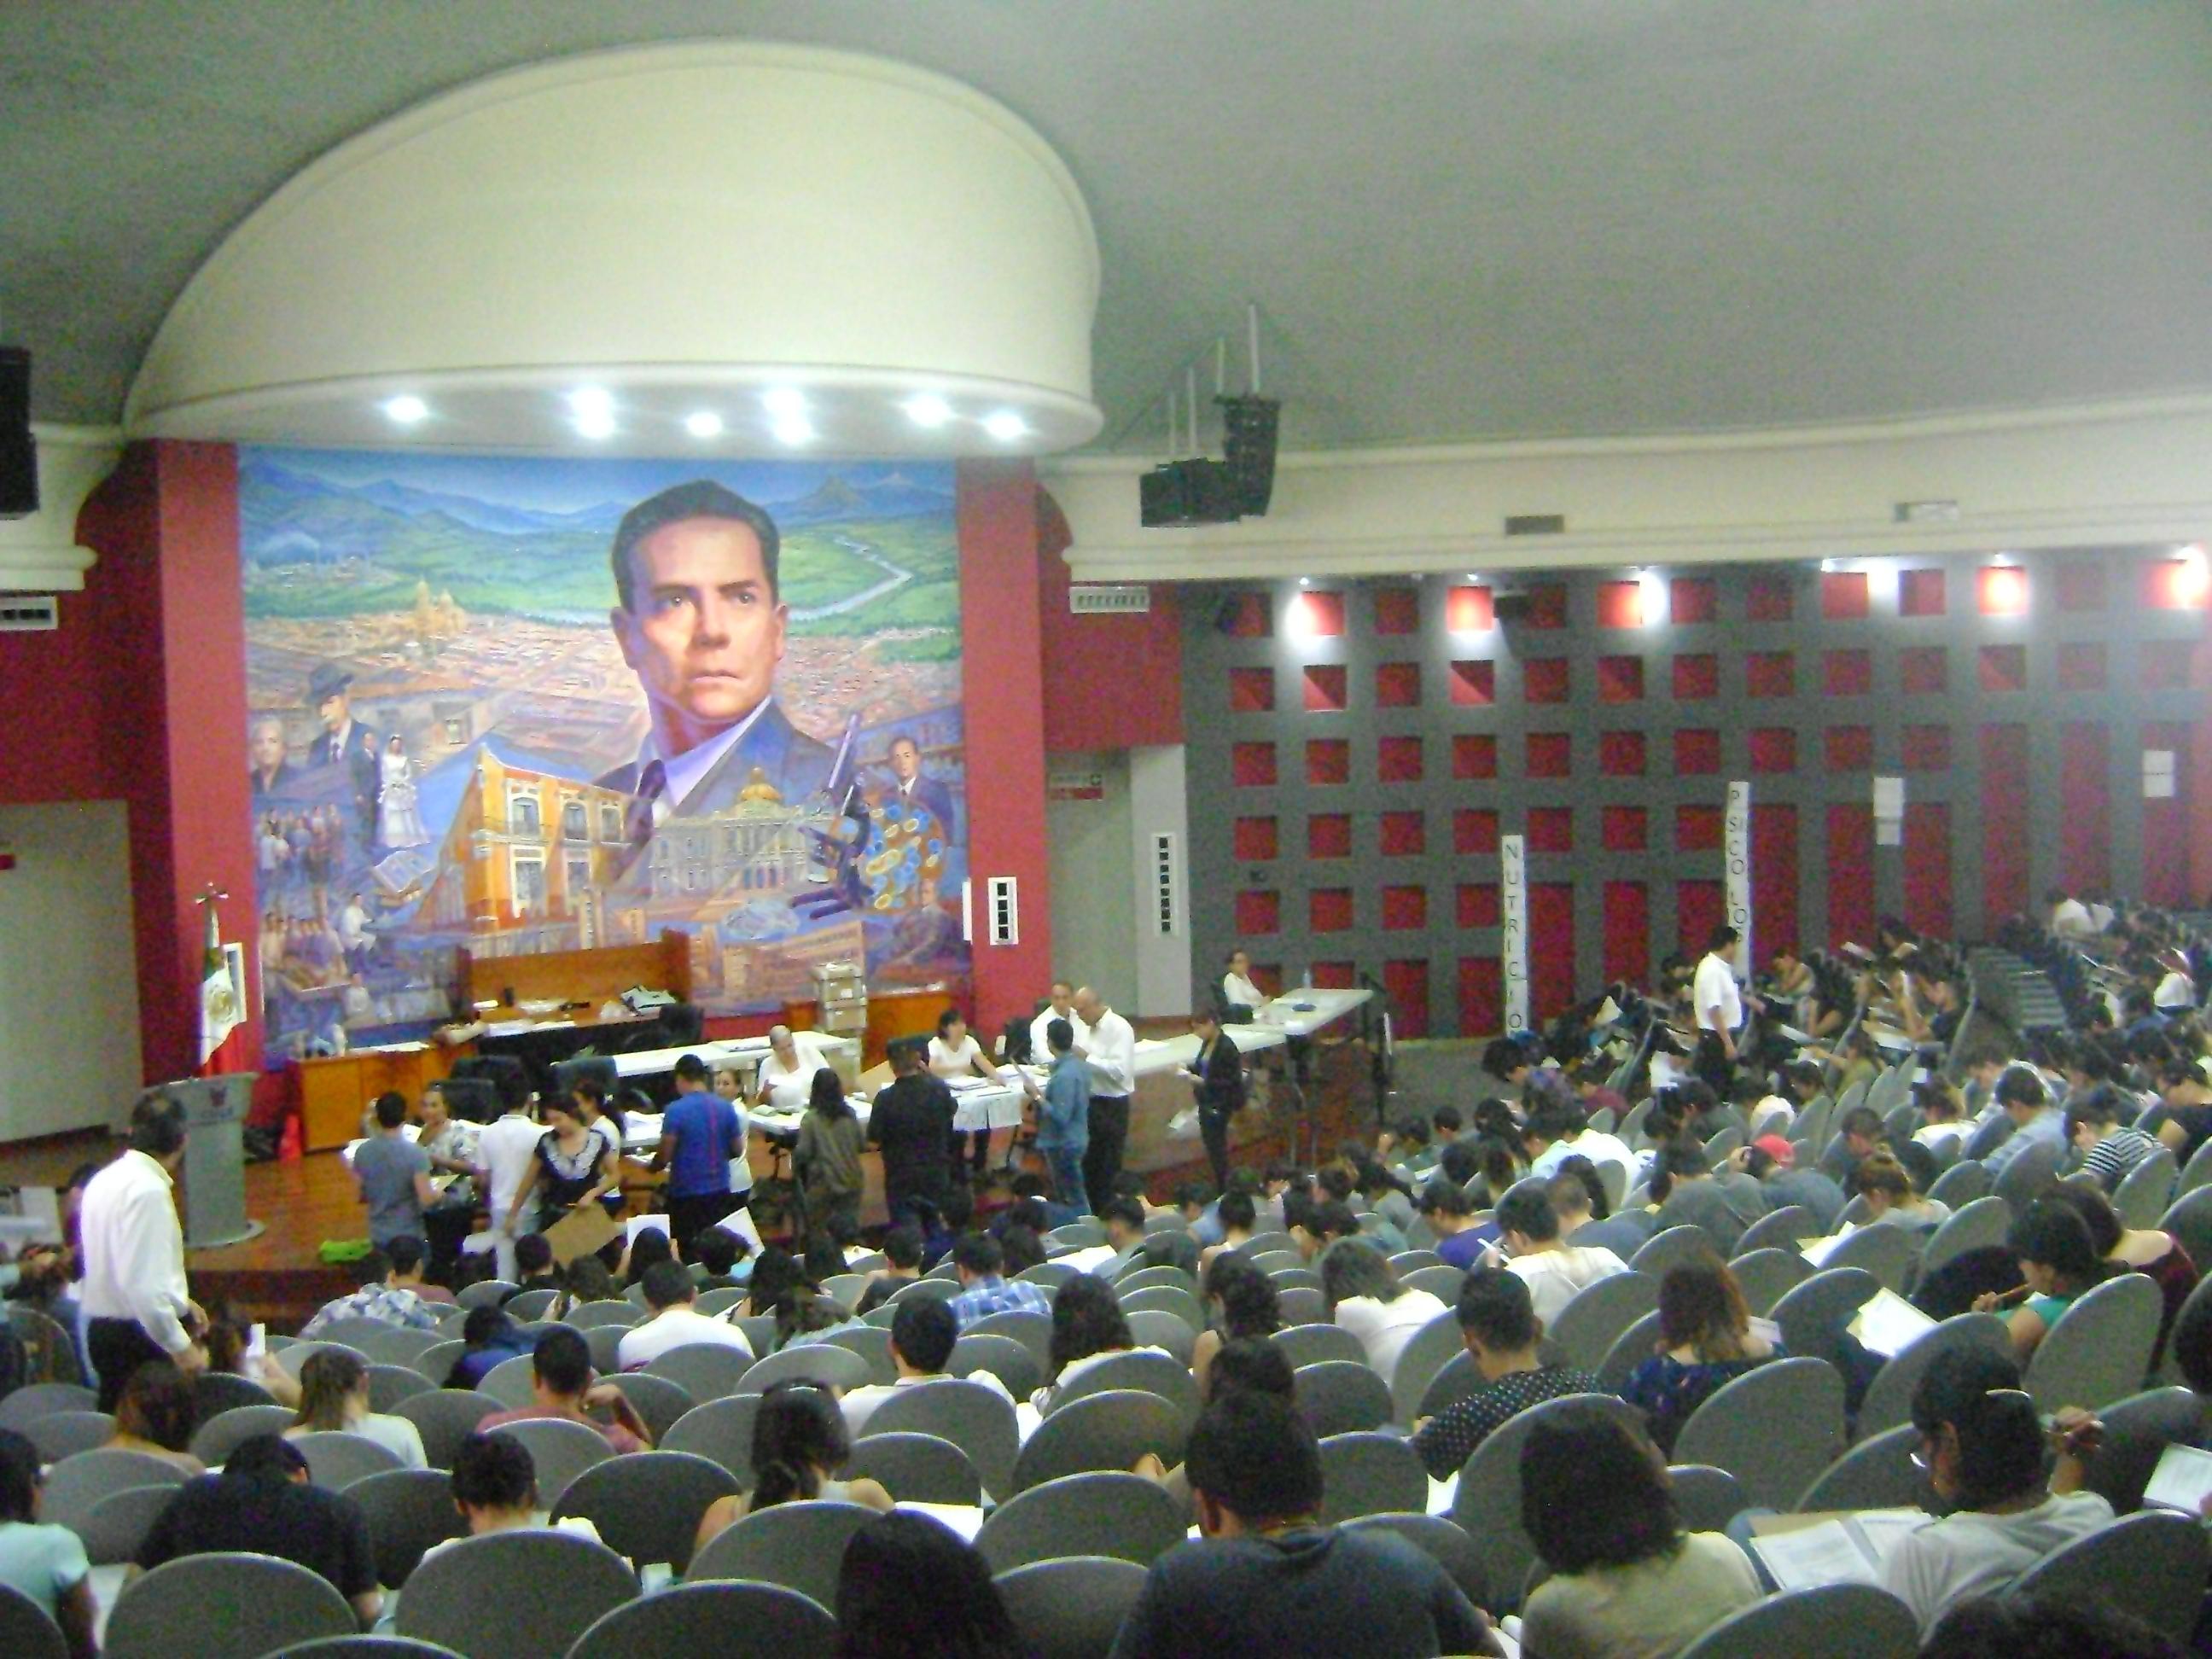 Sesón de Evaluación en el Auditorio Roberto Mendiola Orta vista desde la parte trasera del recinto